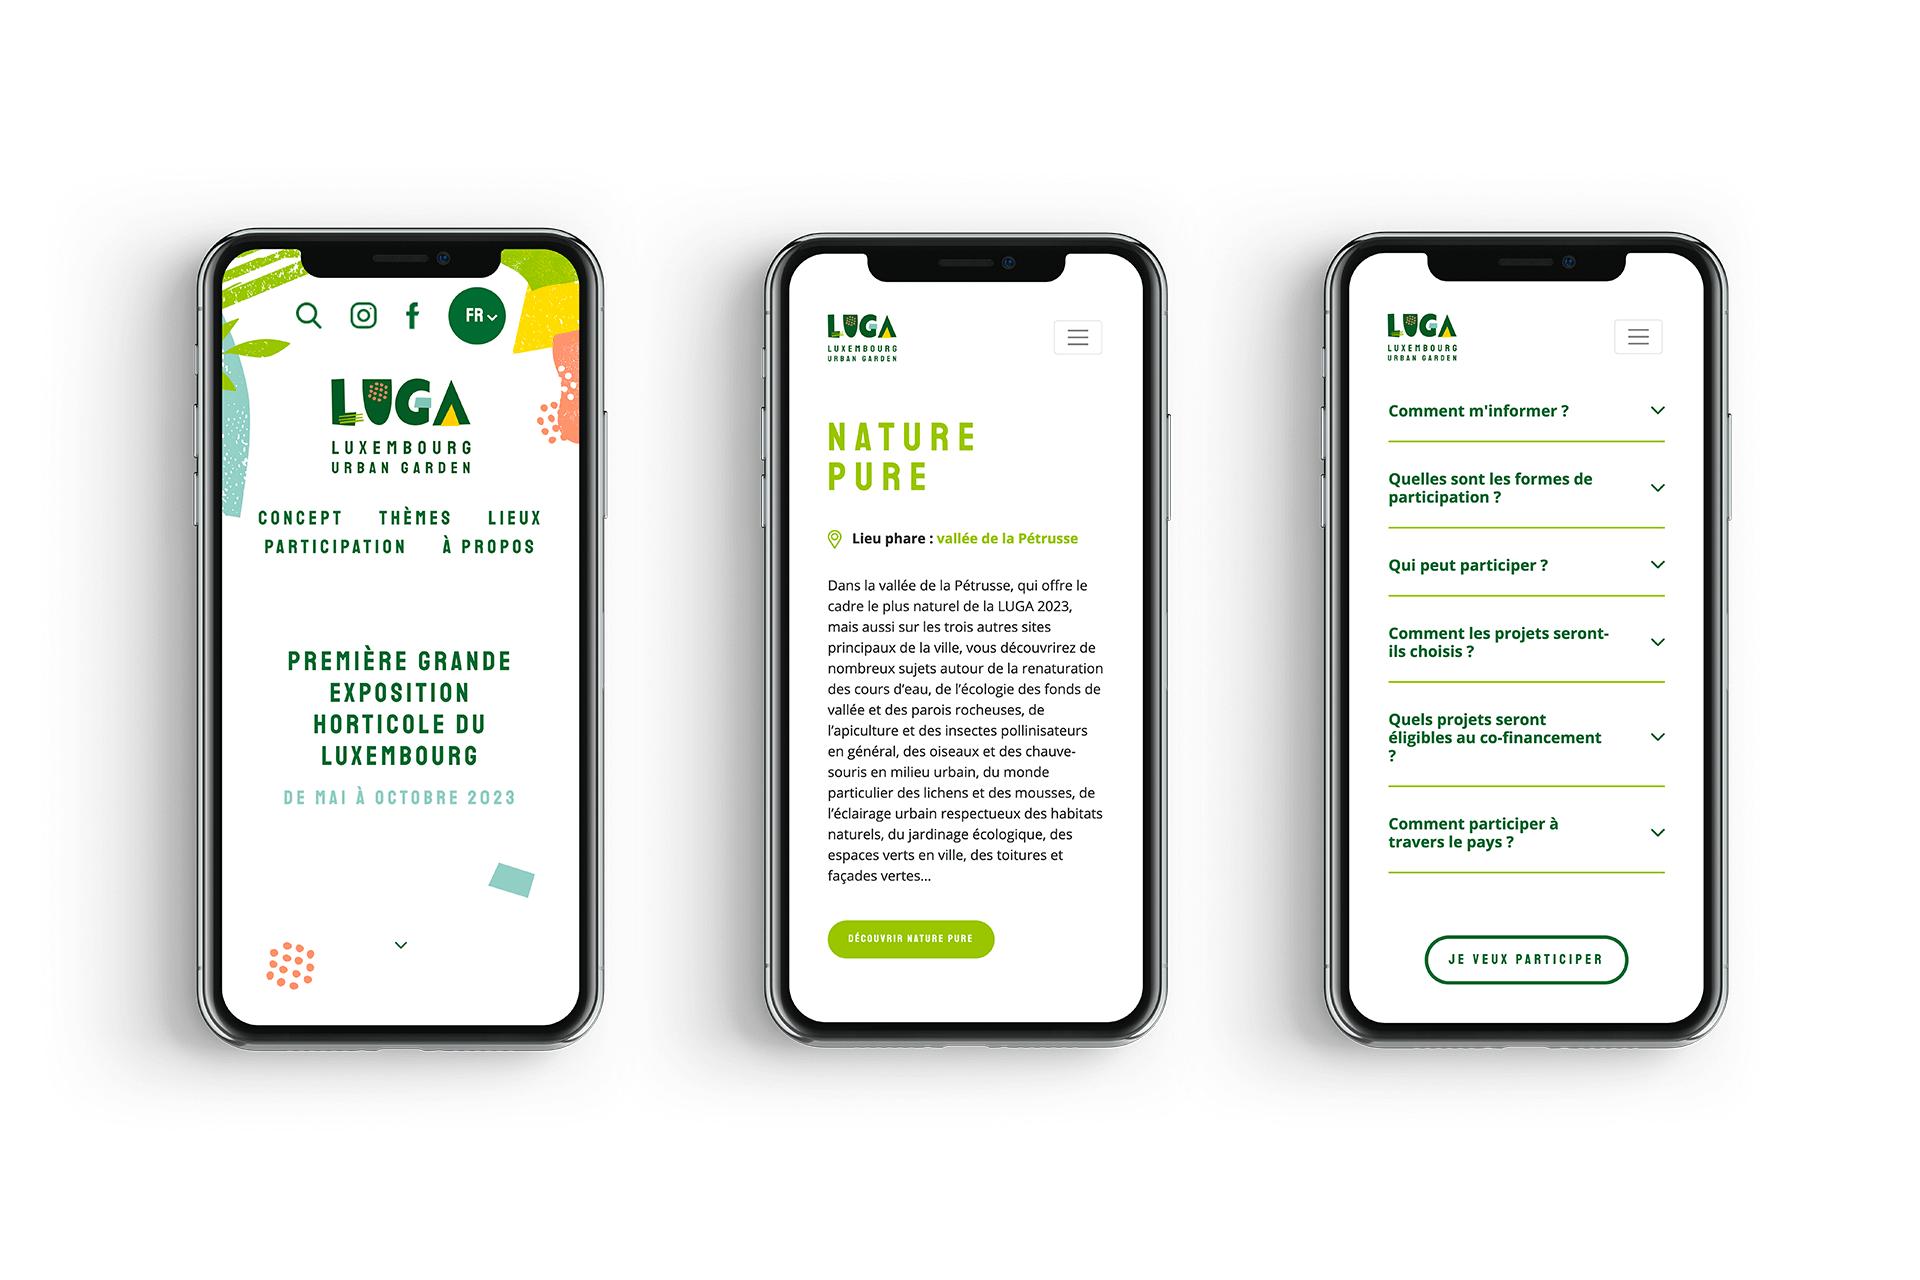 Affichage sur smartphone du site internet de LUGA